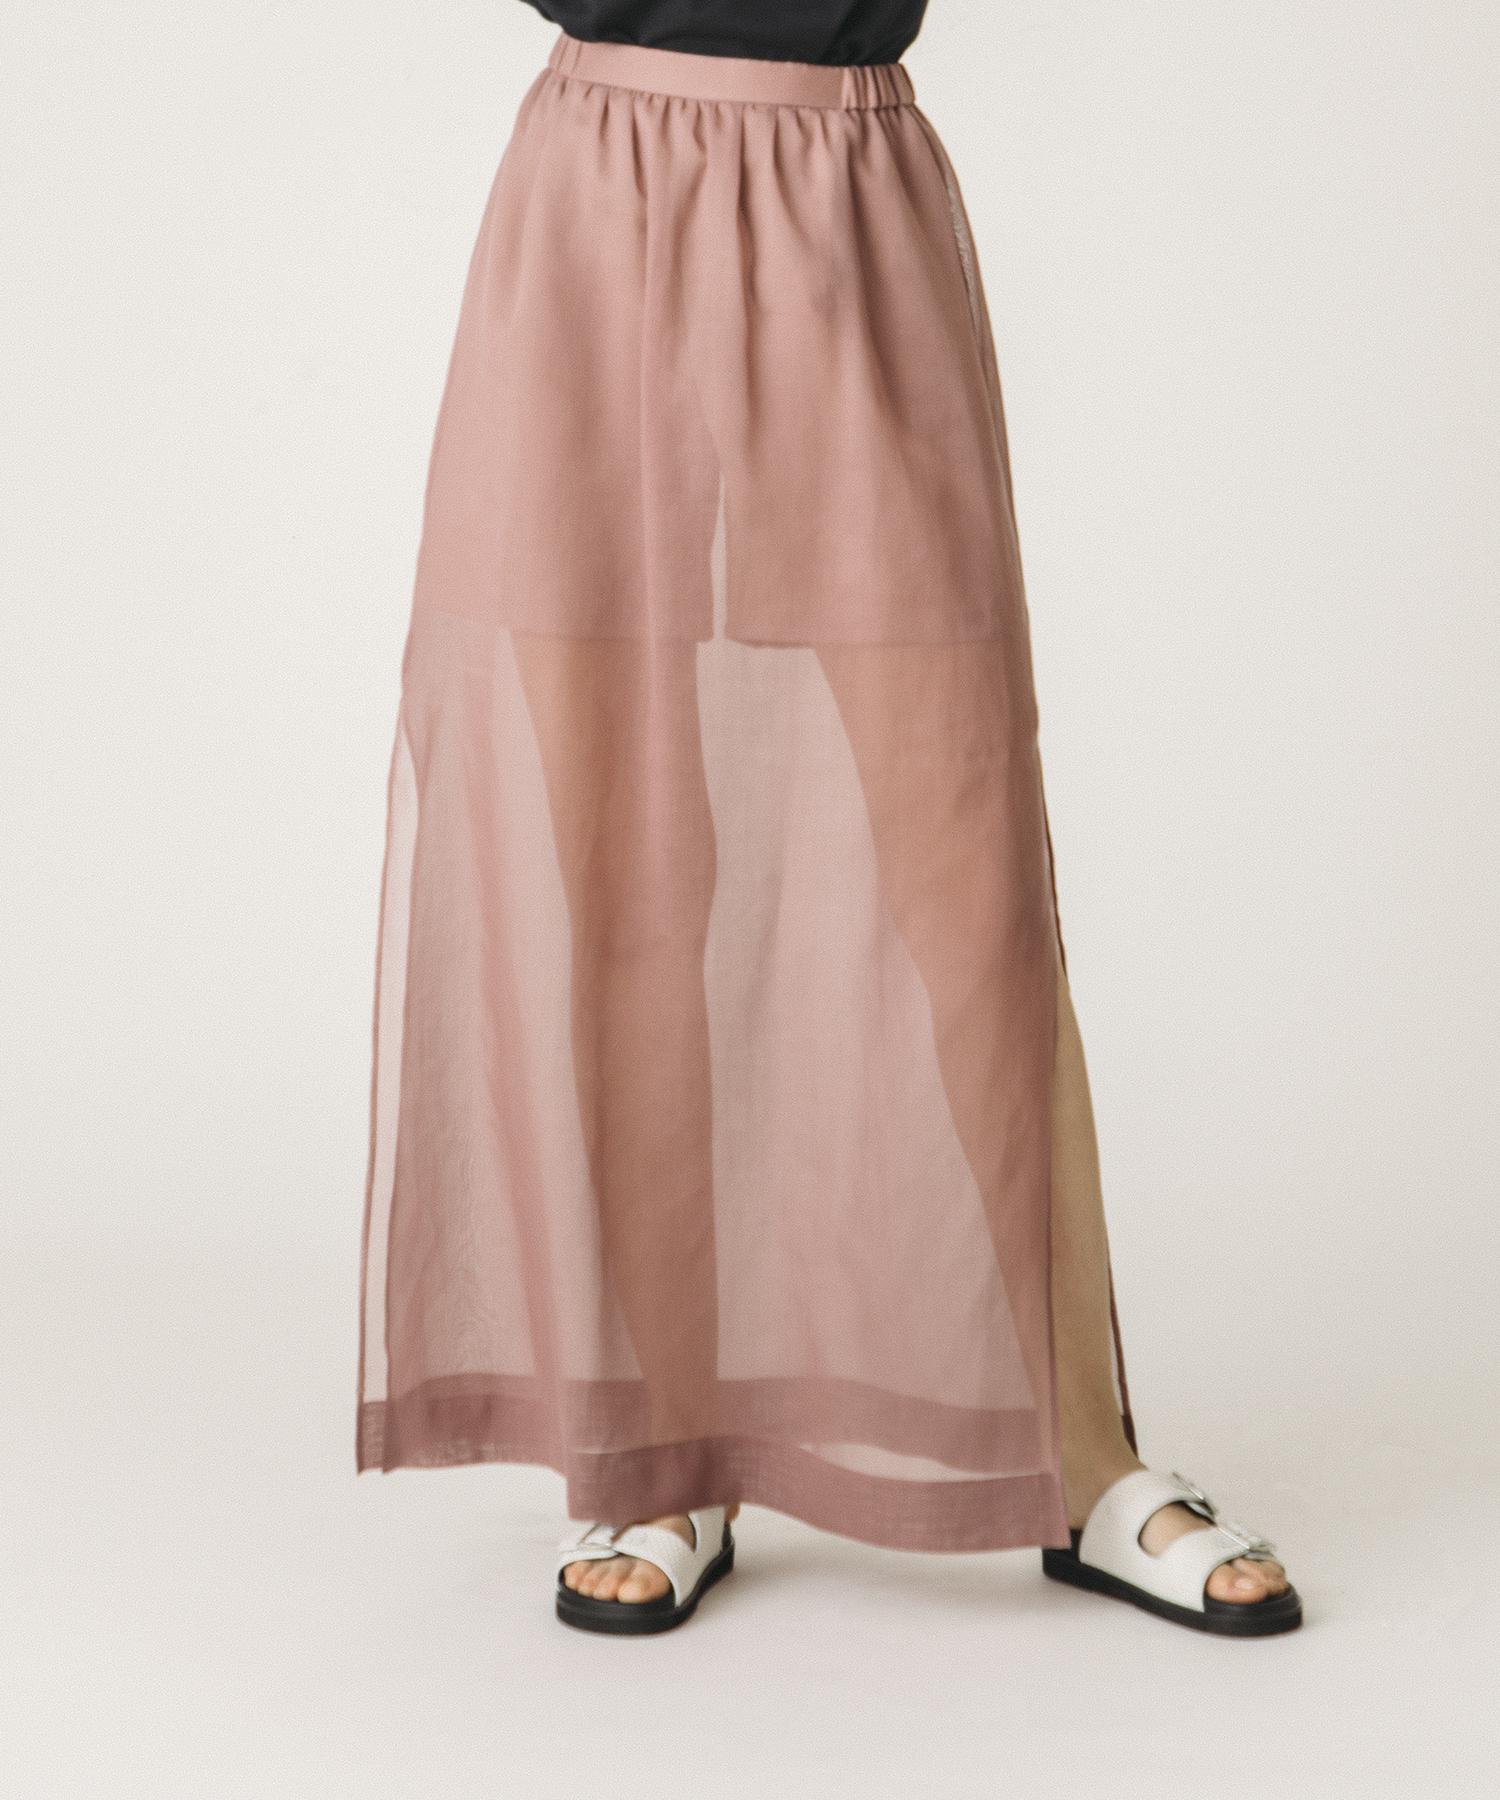 シアーオーバースカート